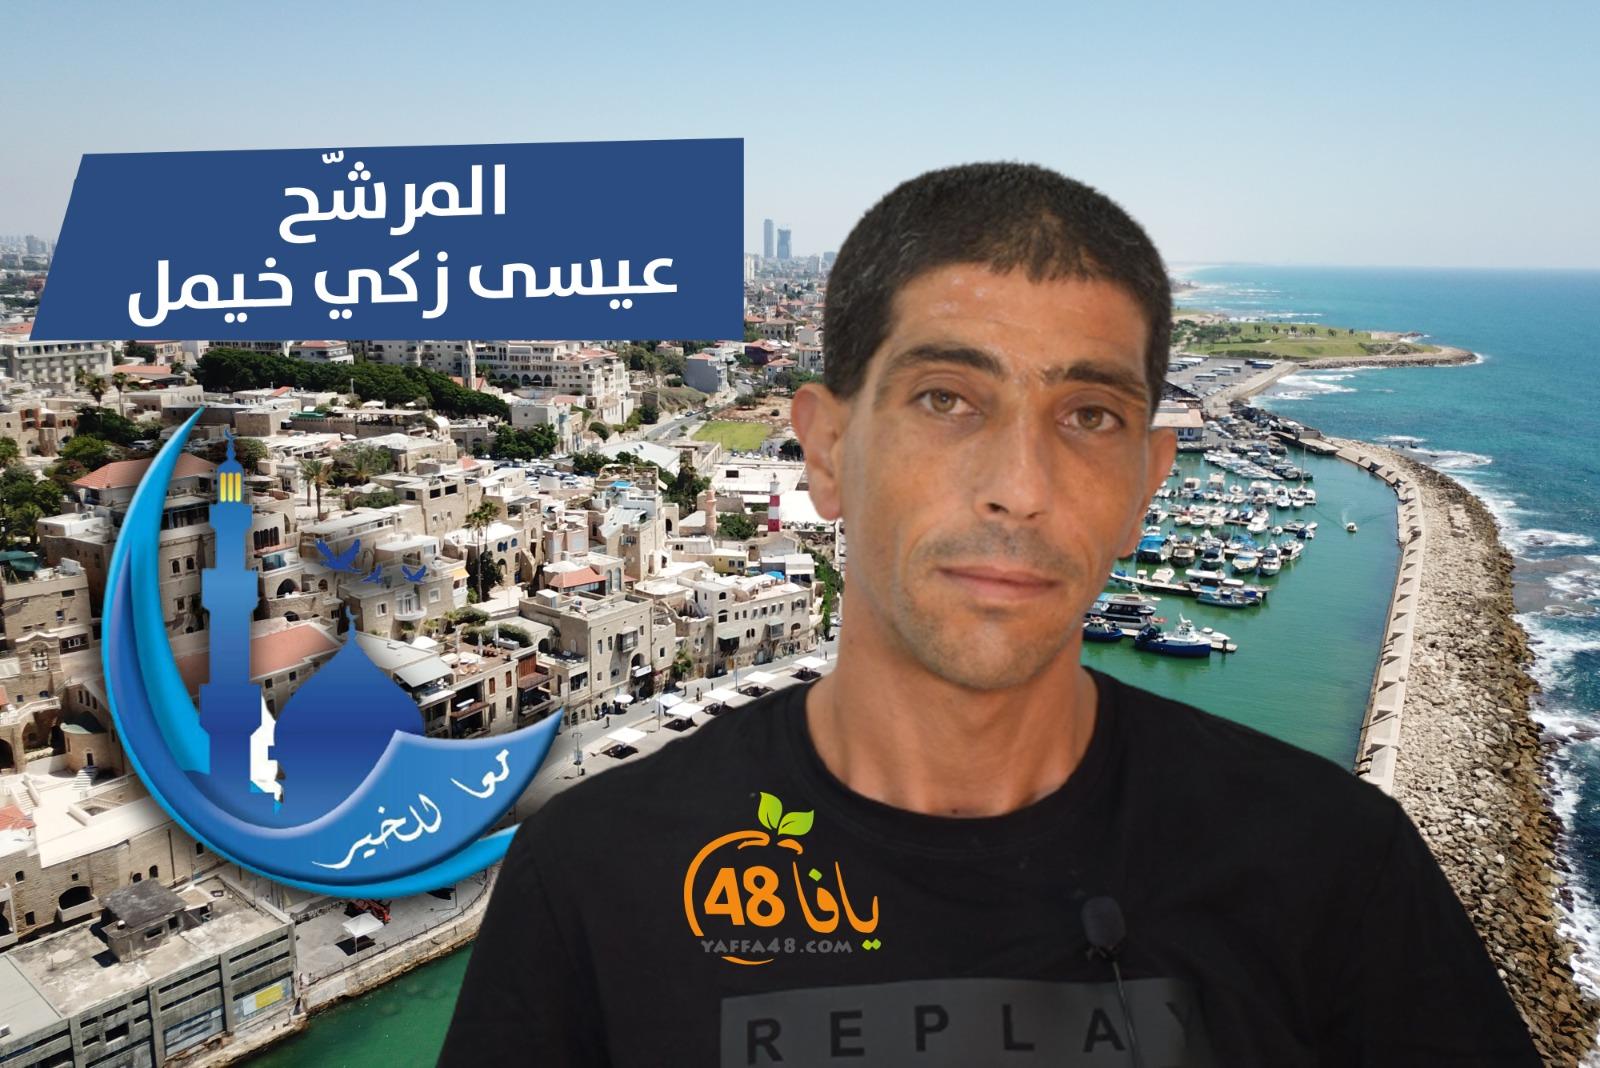 فيديو: تعرّف على المرشّح لانتخابات الهيئة السيد عيسى خيمل